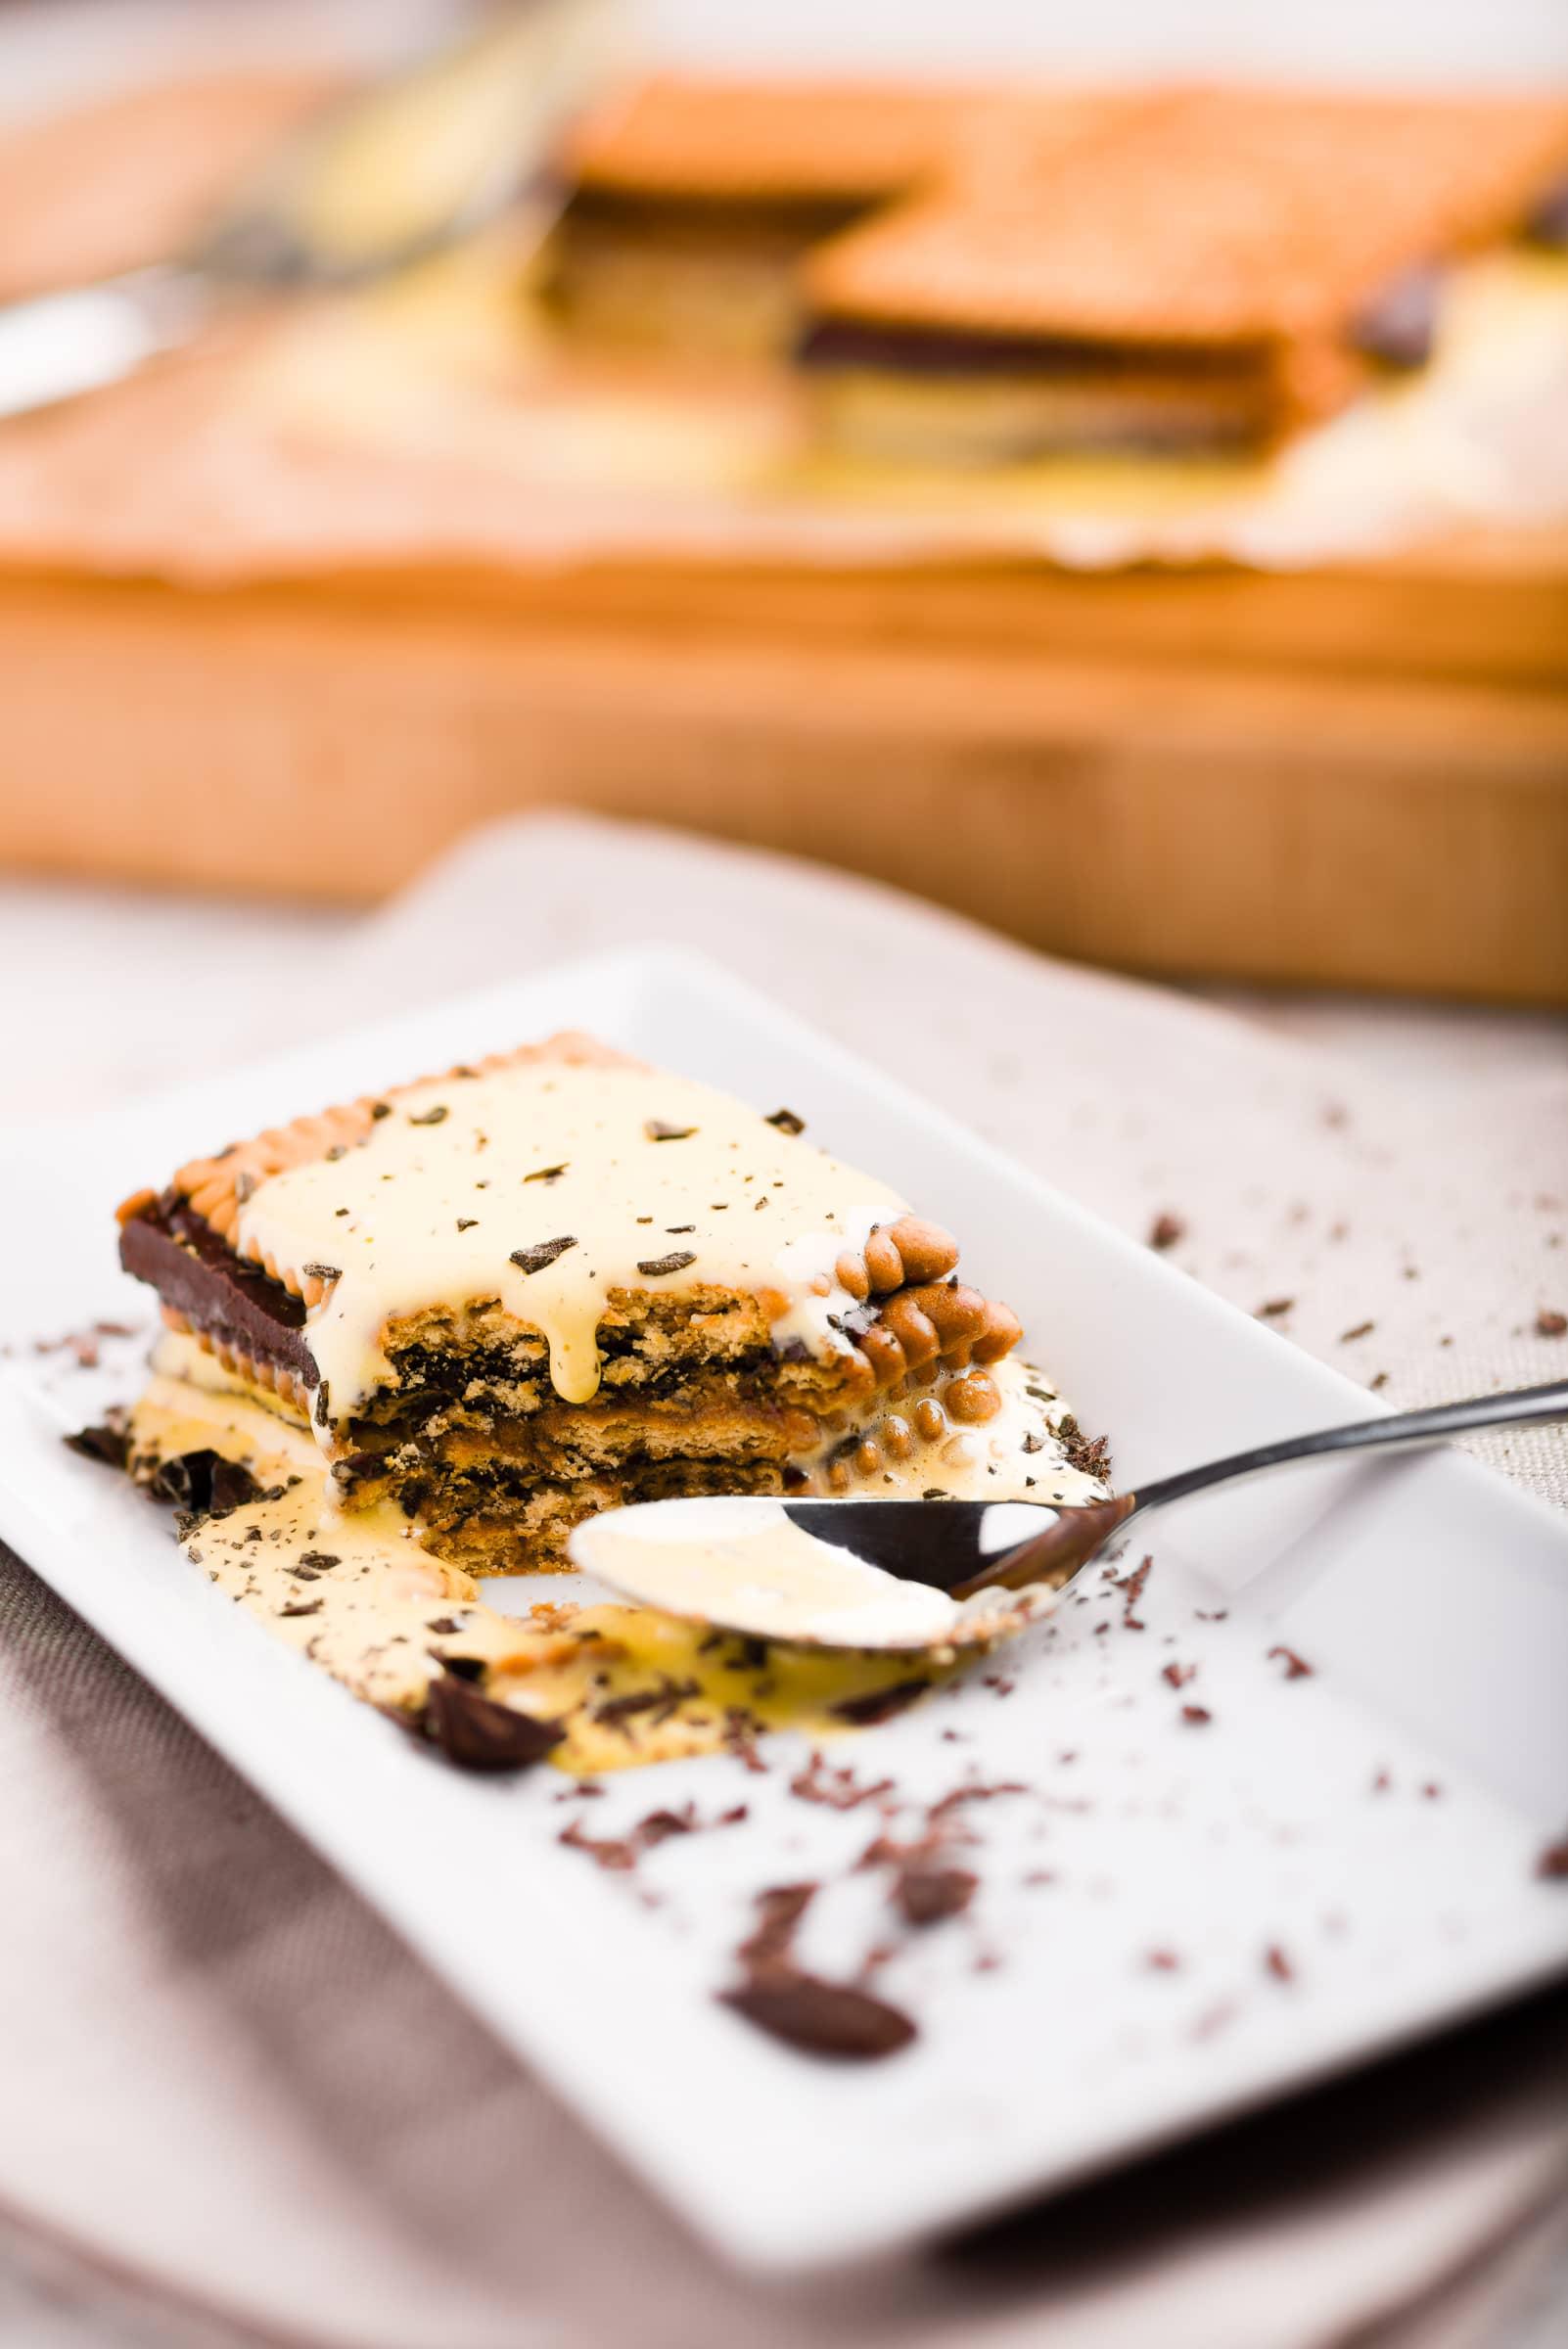 Dolce mattone o mattonella di biscotti ricetta gnamam.com